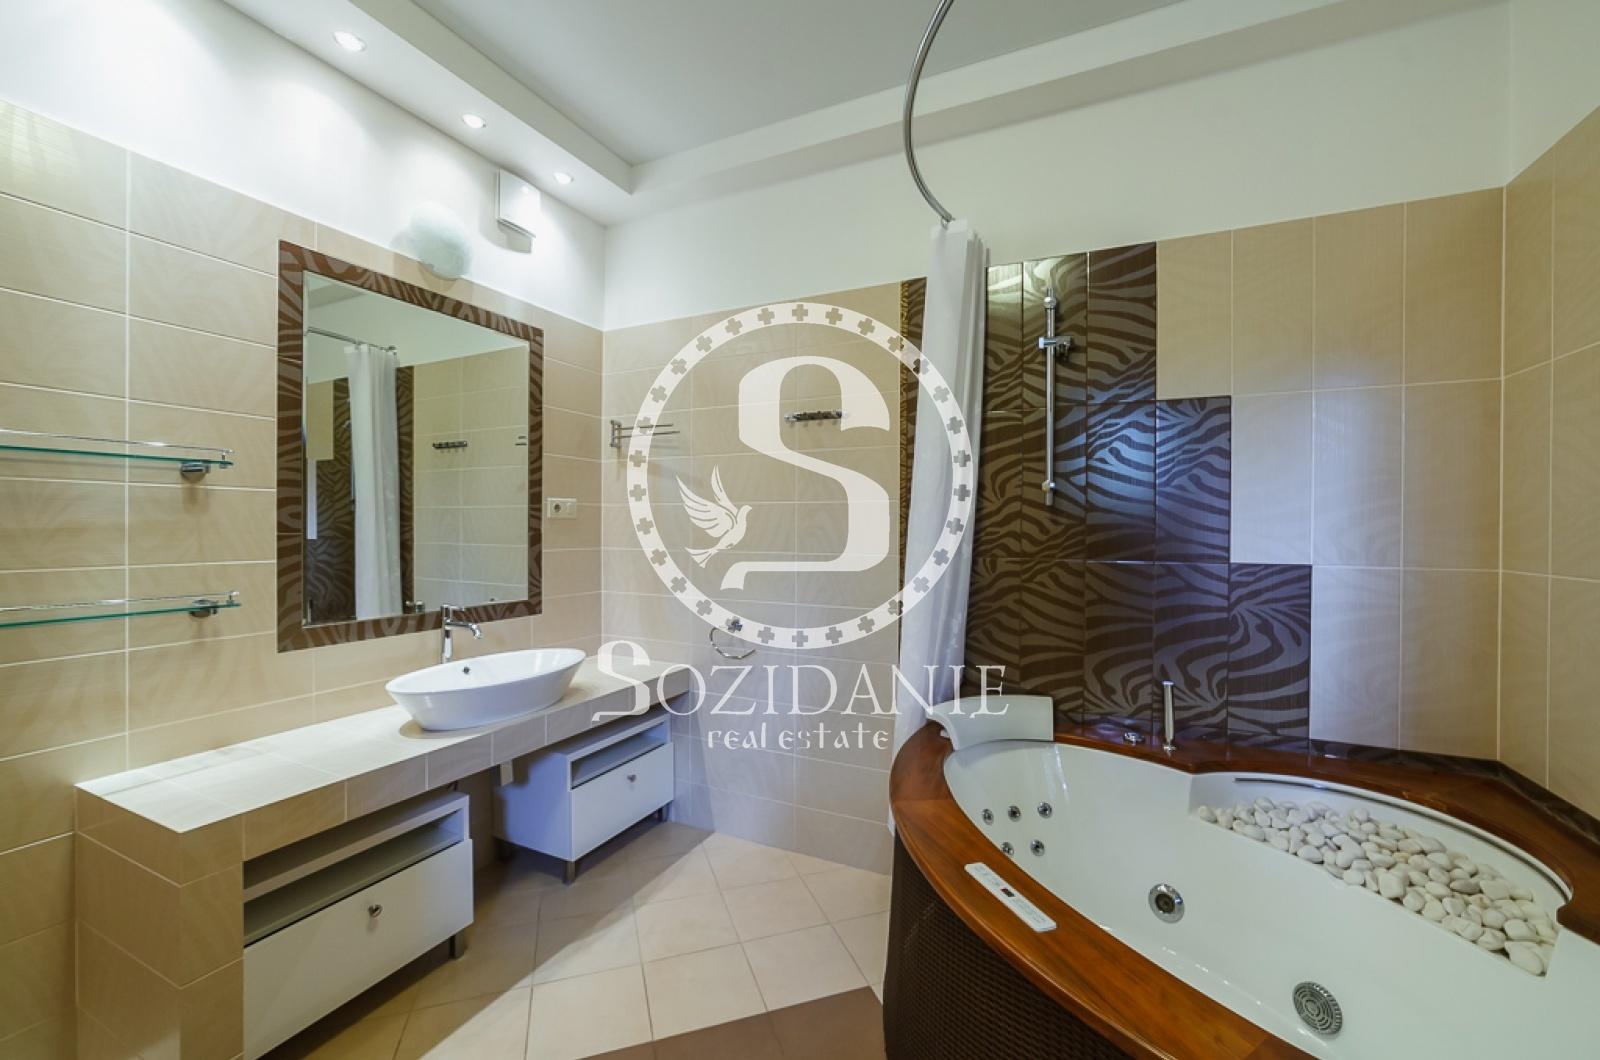 5 Bedrooms, Загородная, Аренда, Listing ID 1116, Московская область, Россия,